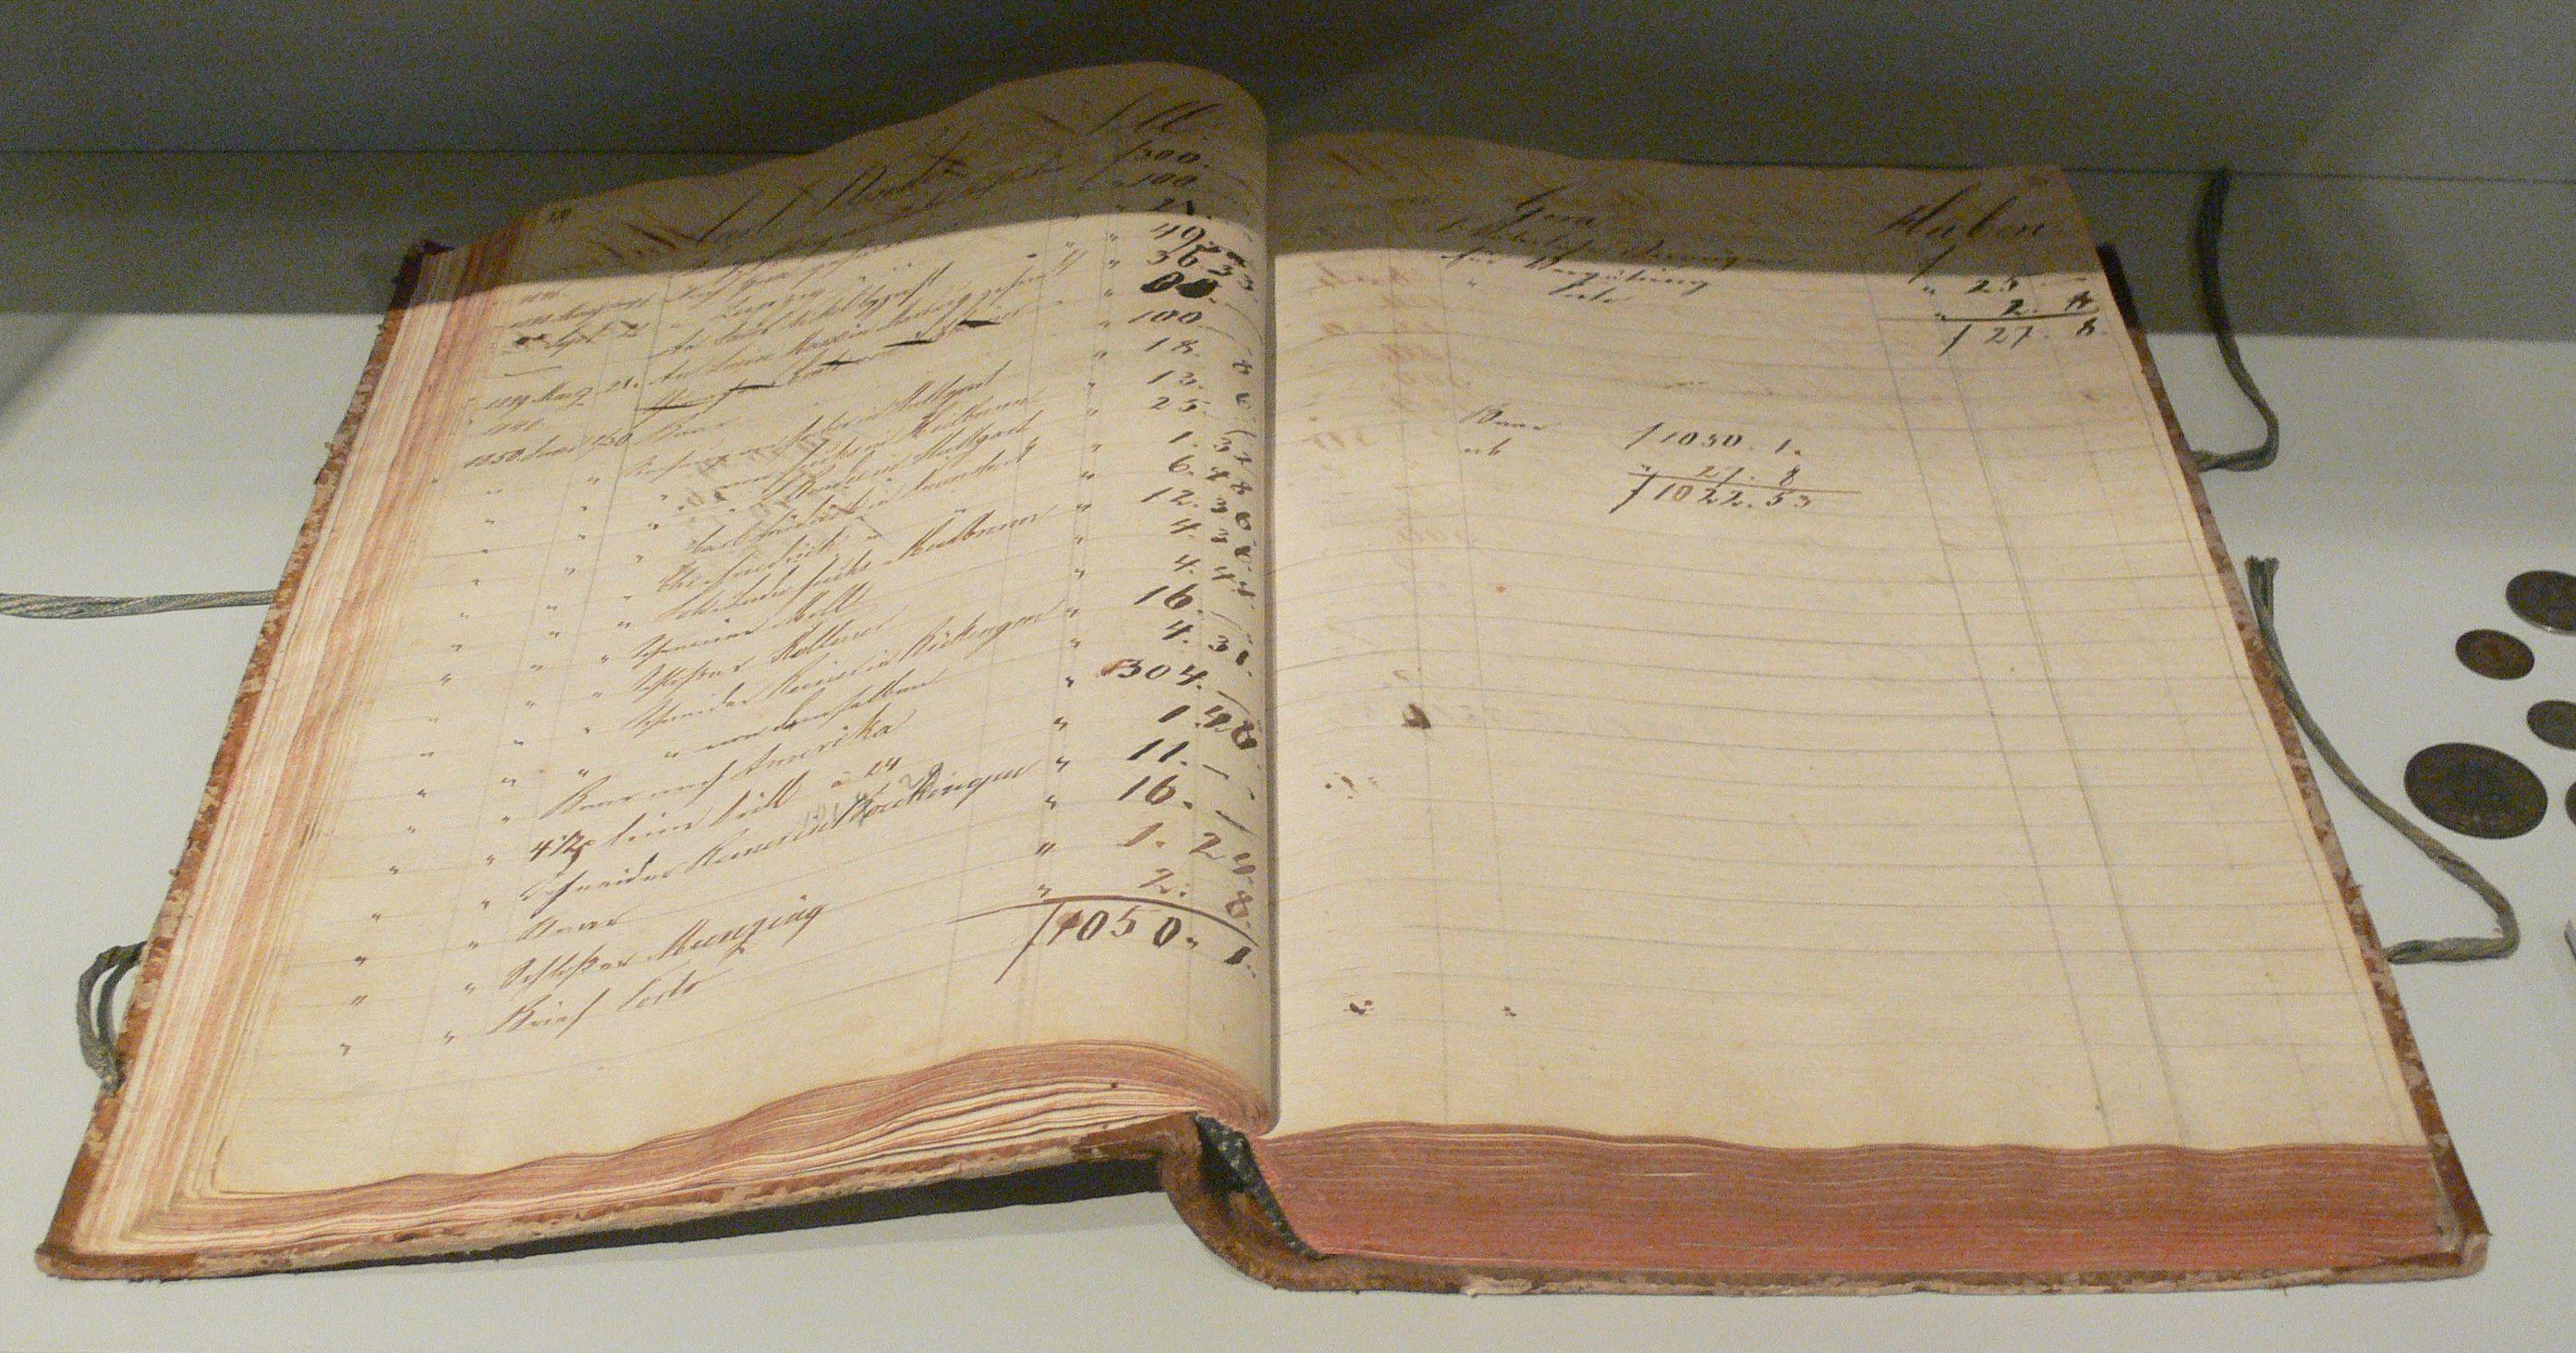 Hauptbuch der Gemischtwarenhandlung Hochstetter, vor 1828. || Early 19th-century German ledger.